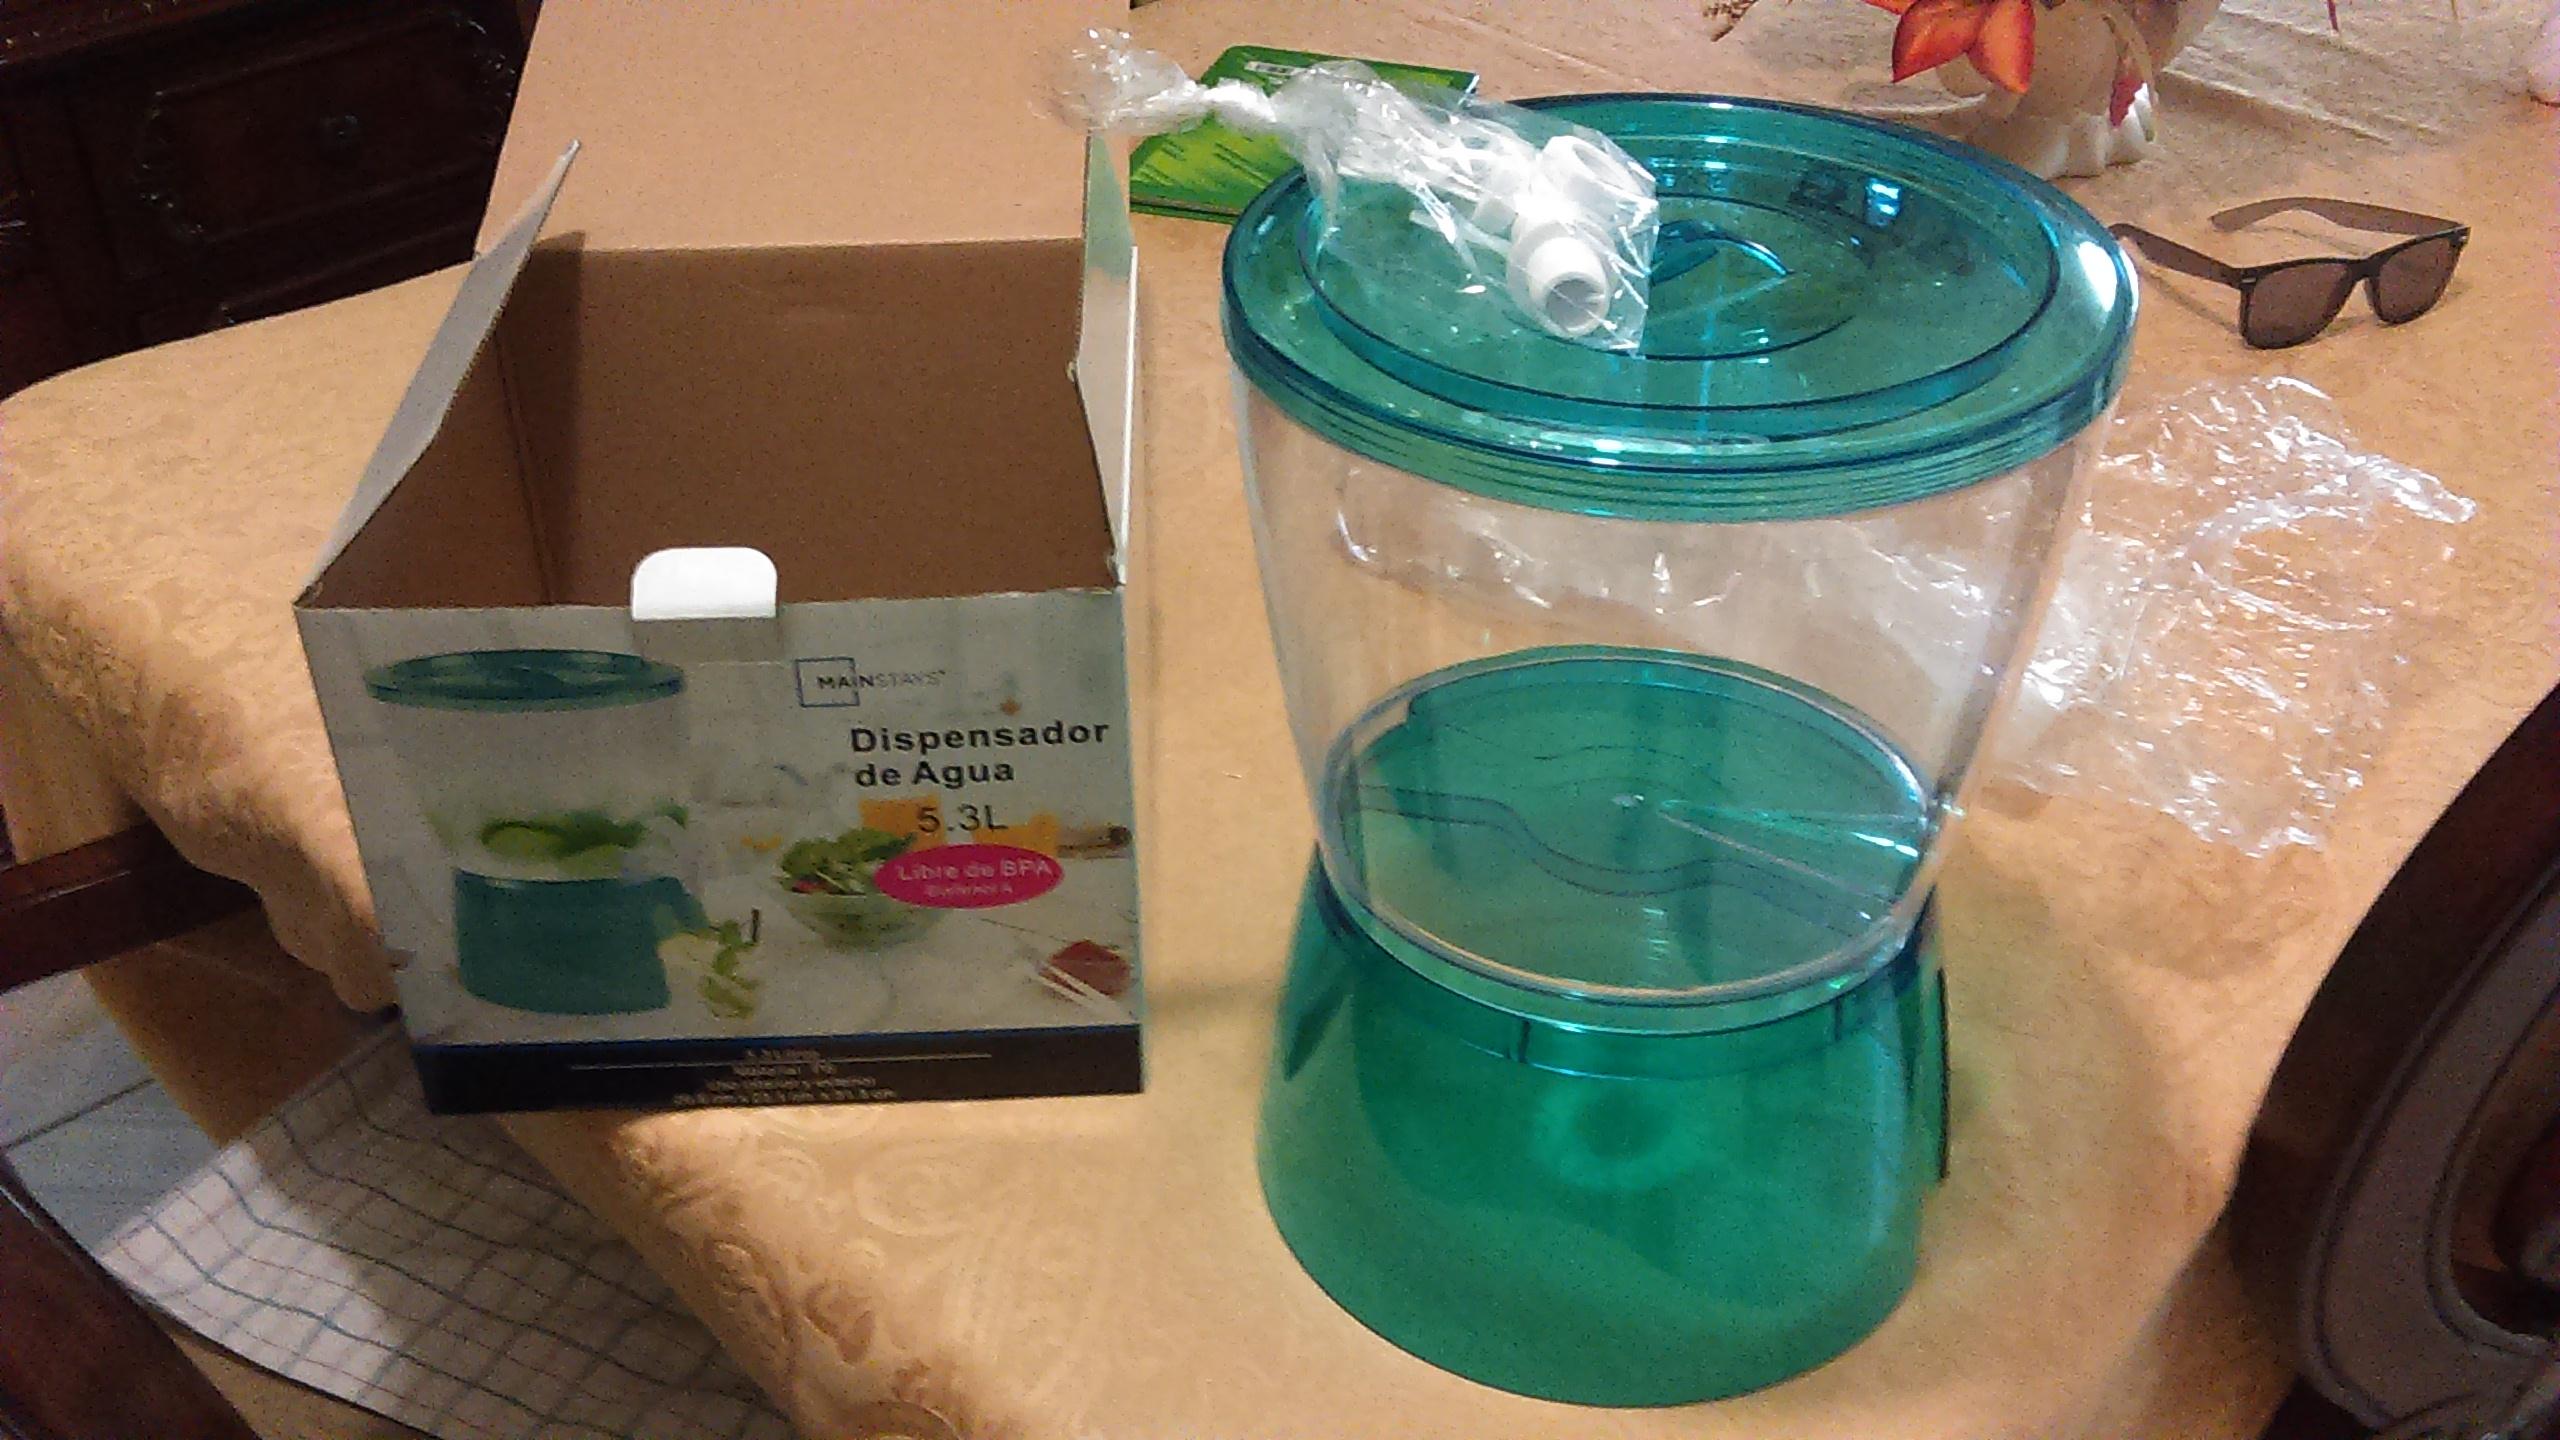 Bodega Aurrerá: Dispensador de Agua 5.3 L $95.02